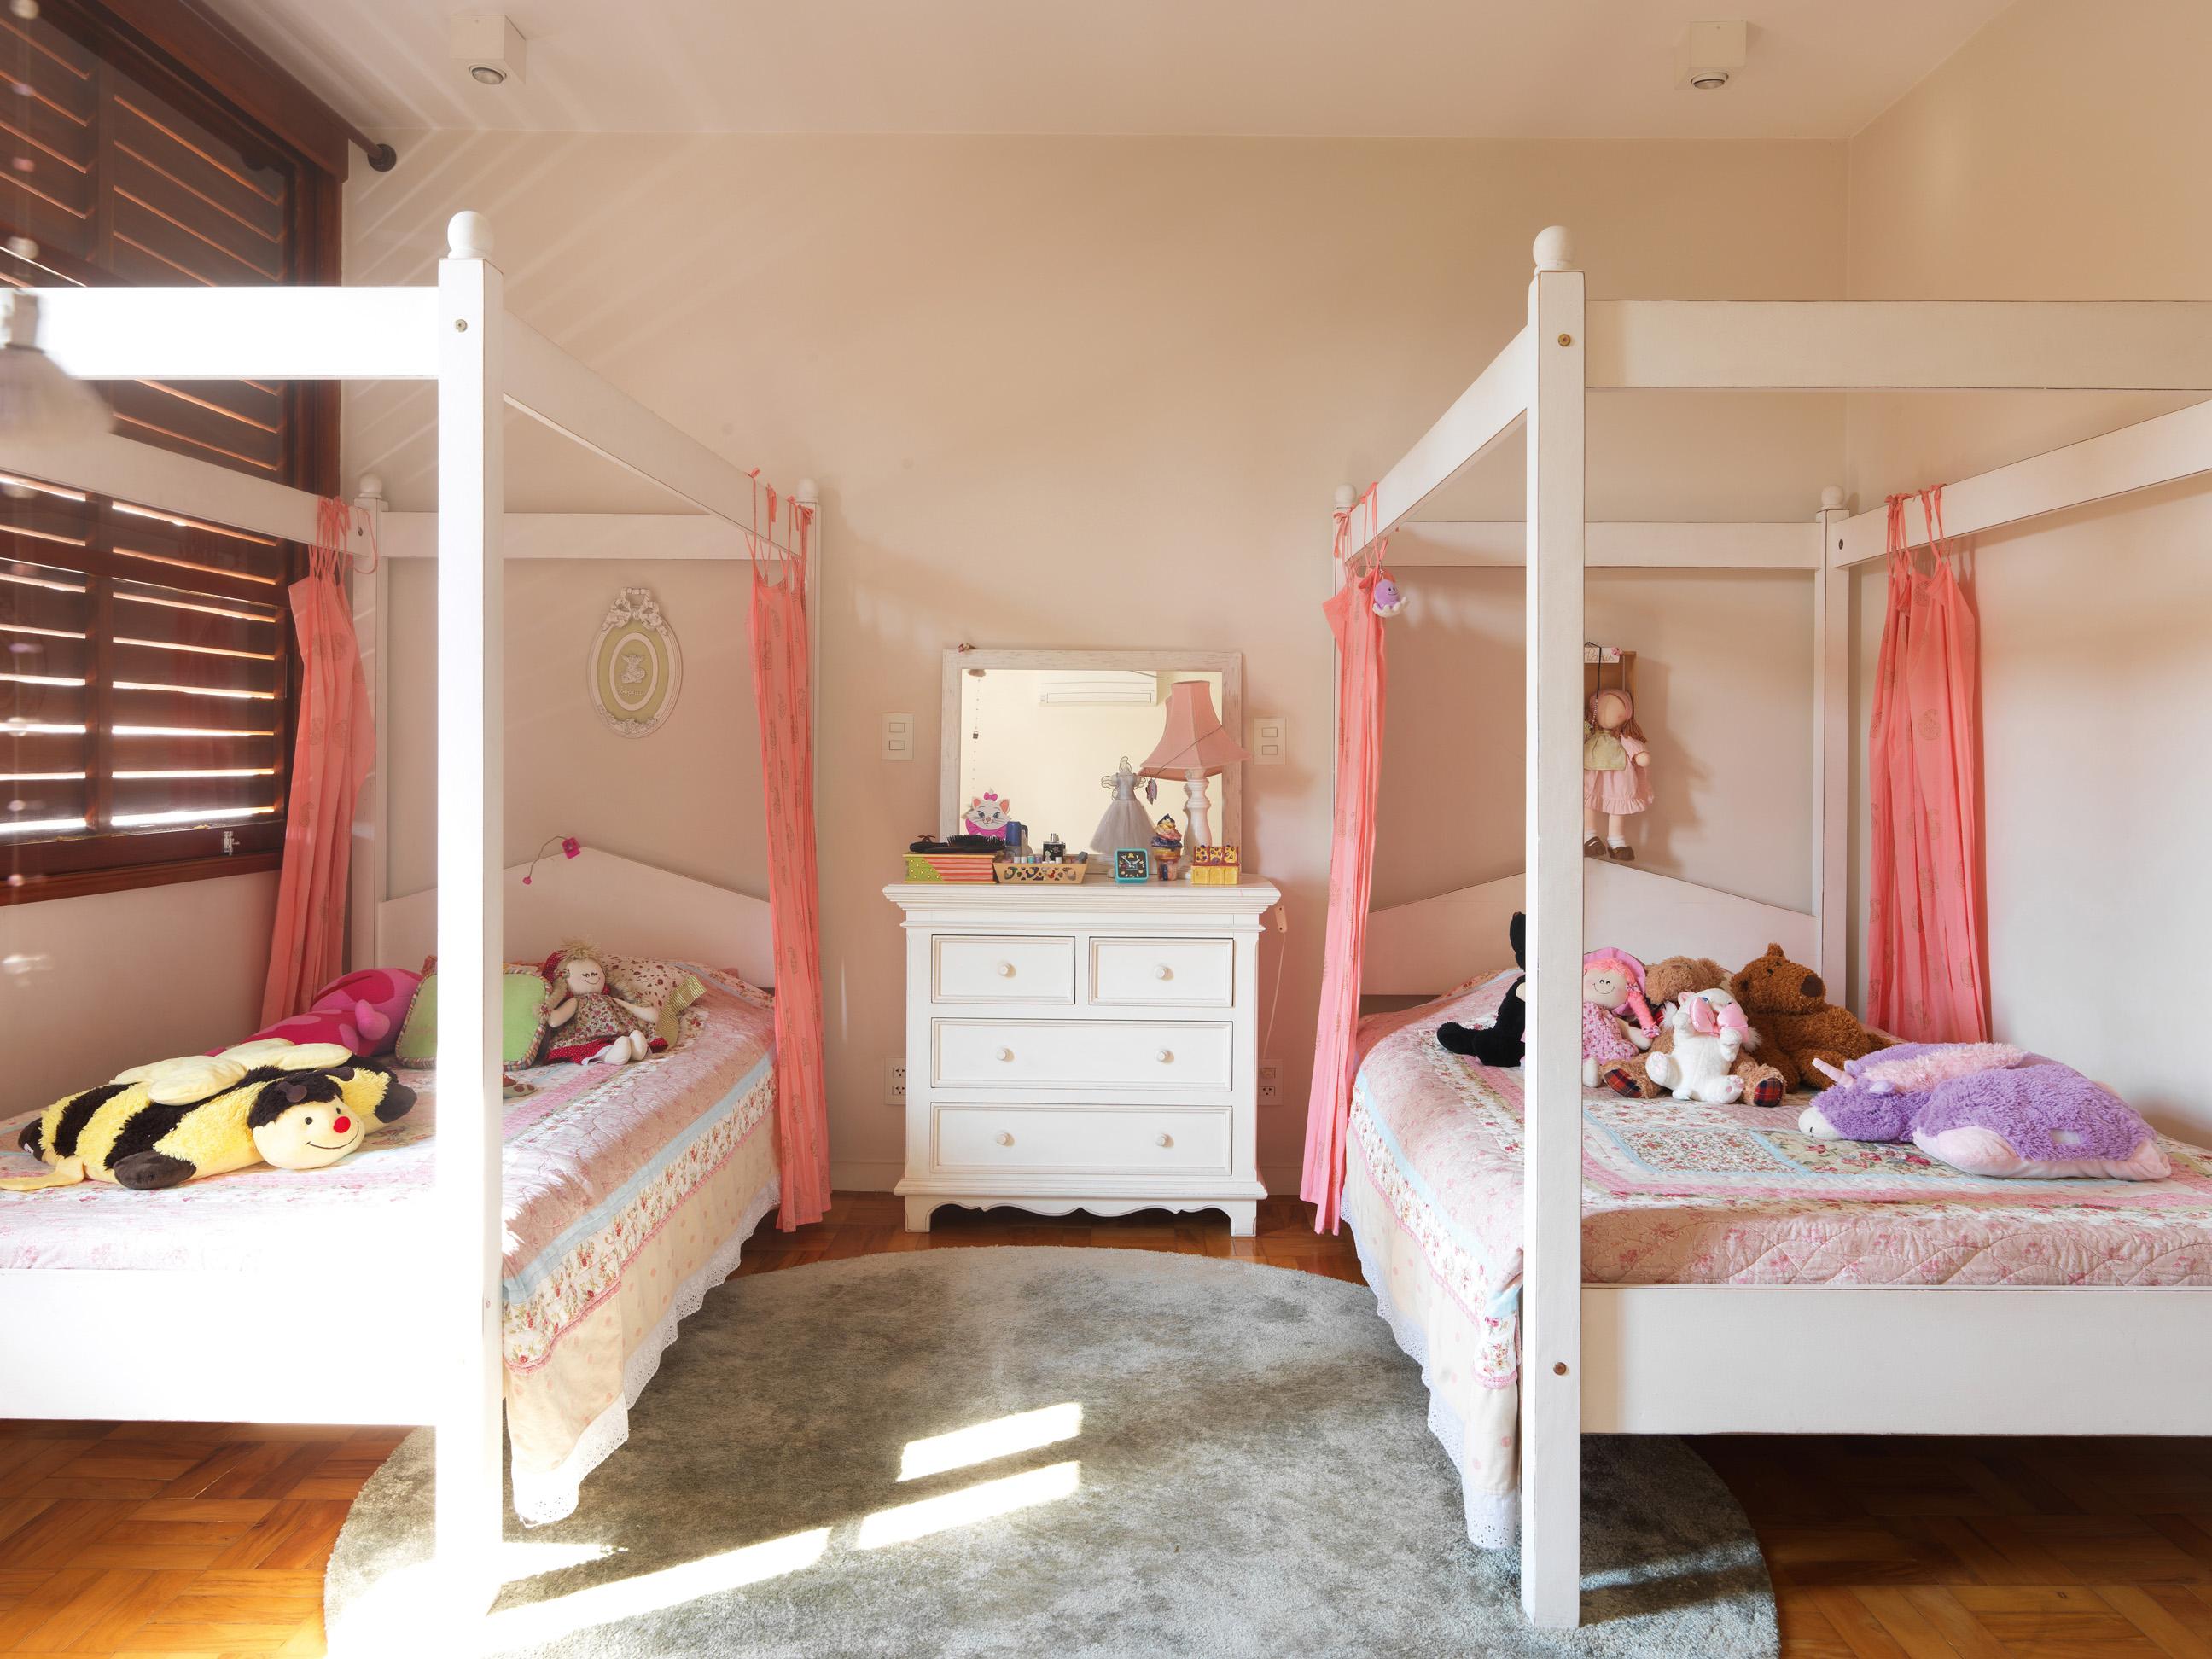 De menina - Quarto das crianças com móveis do Depósito Santa Fé, colchas Pottery Barn e cortinas vindas da Índia. Tapete Square Foot